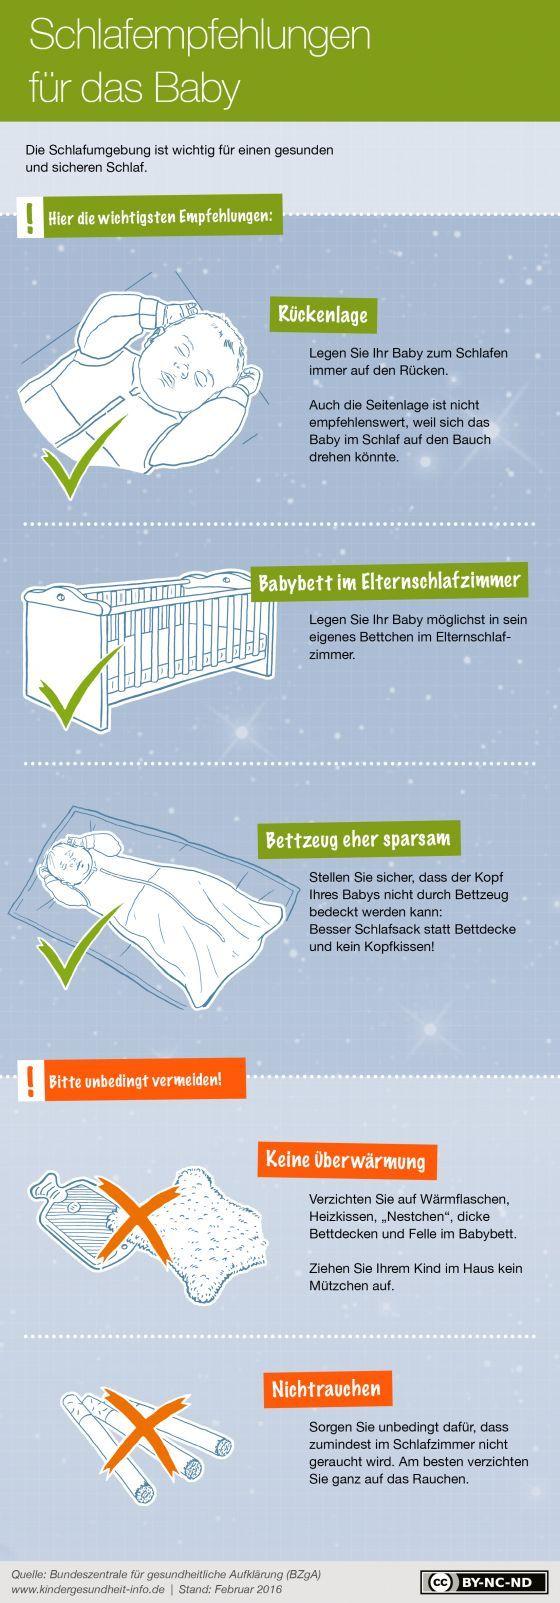 Schlafempfehlungen fürs Baby